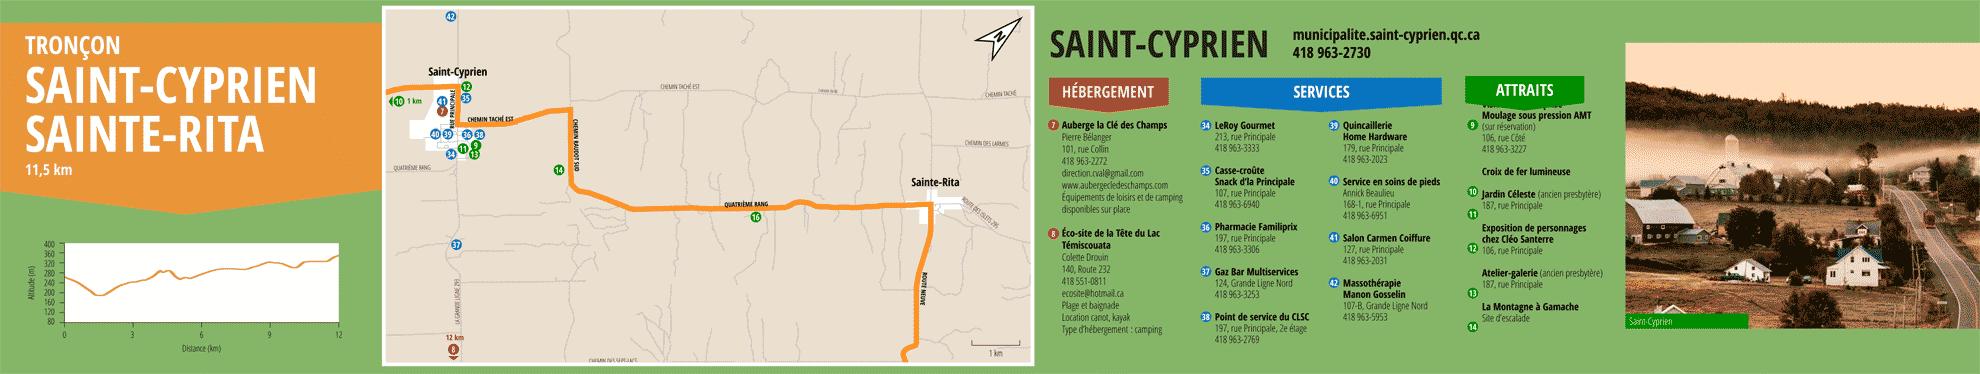 La Route des passant - Tronçon Saint-Clément/Sainte-Rita